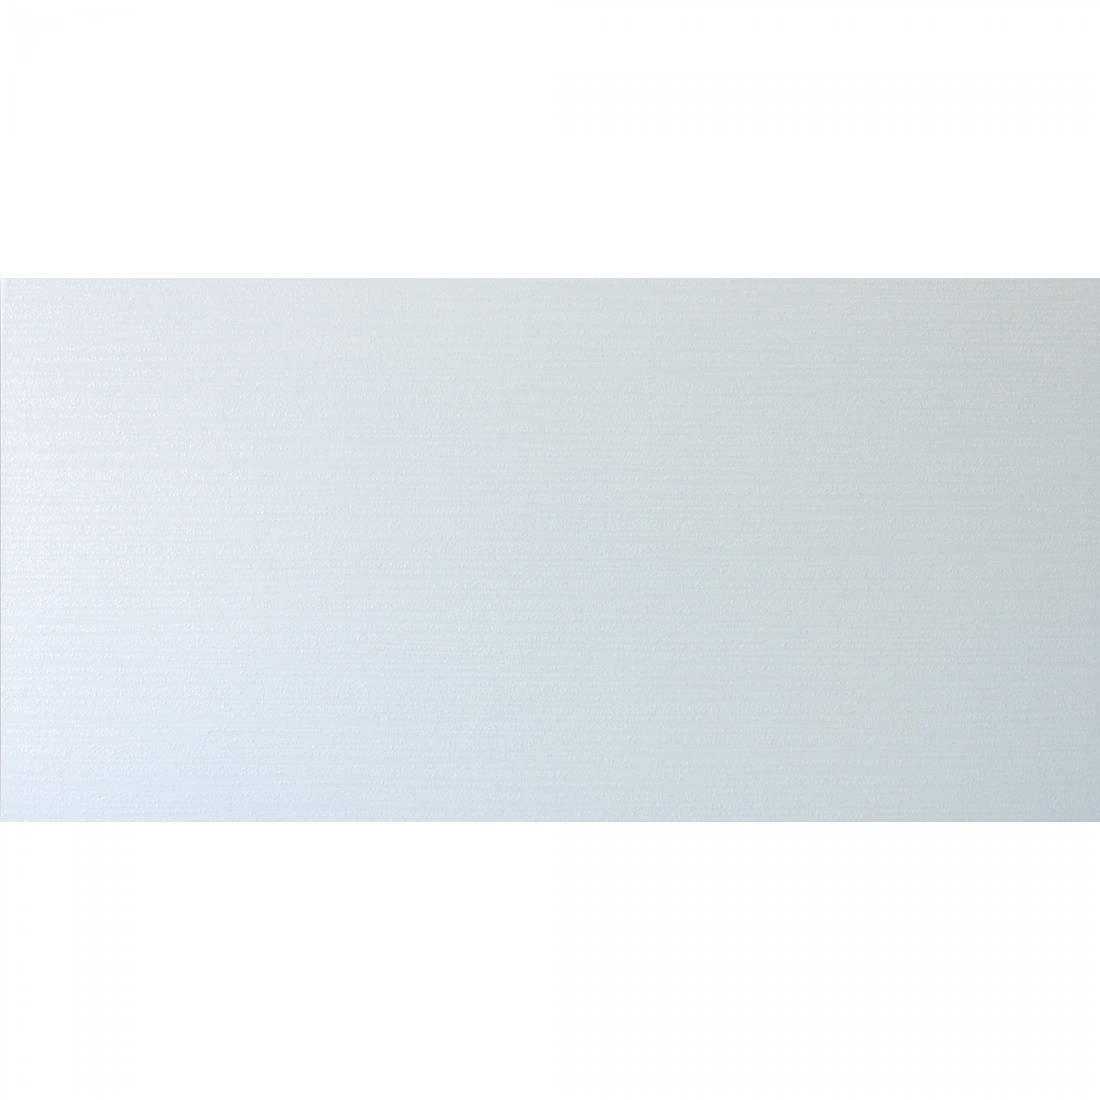 Sparx Clear 30x60 White 1